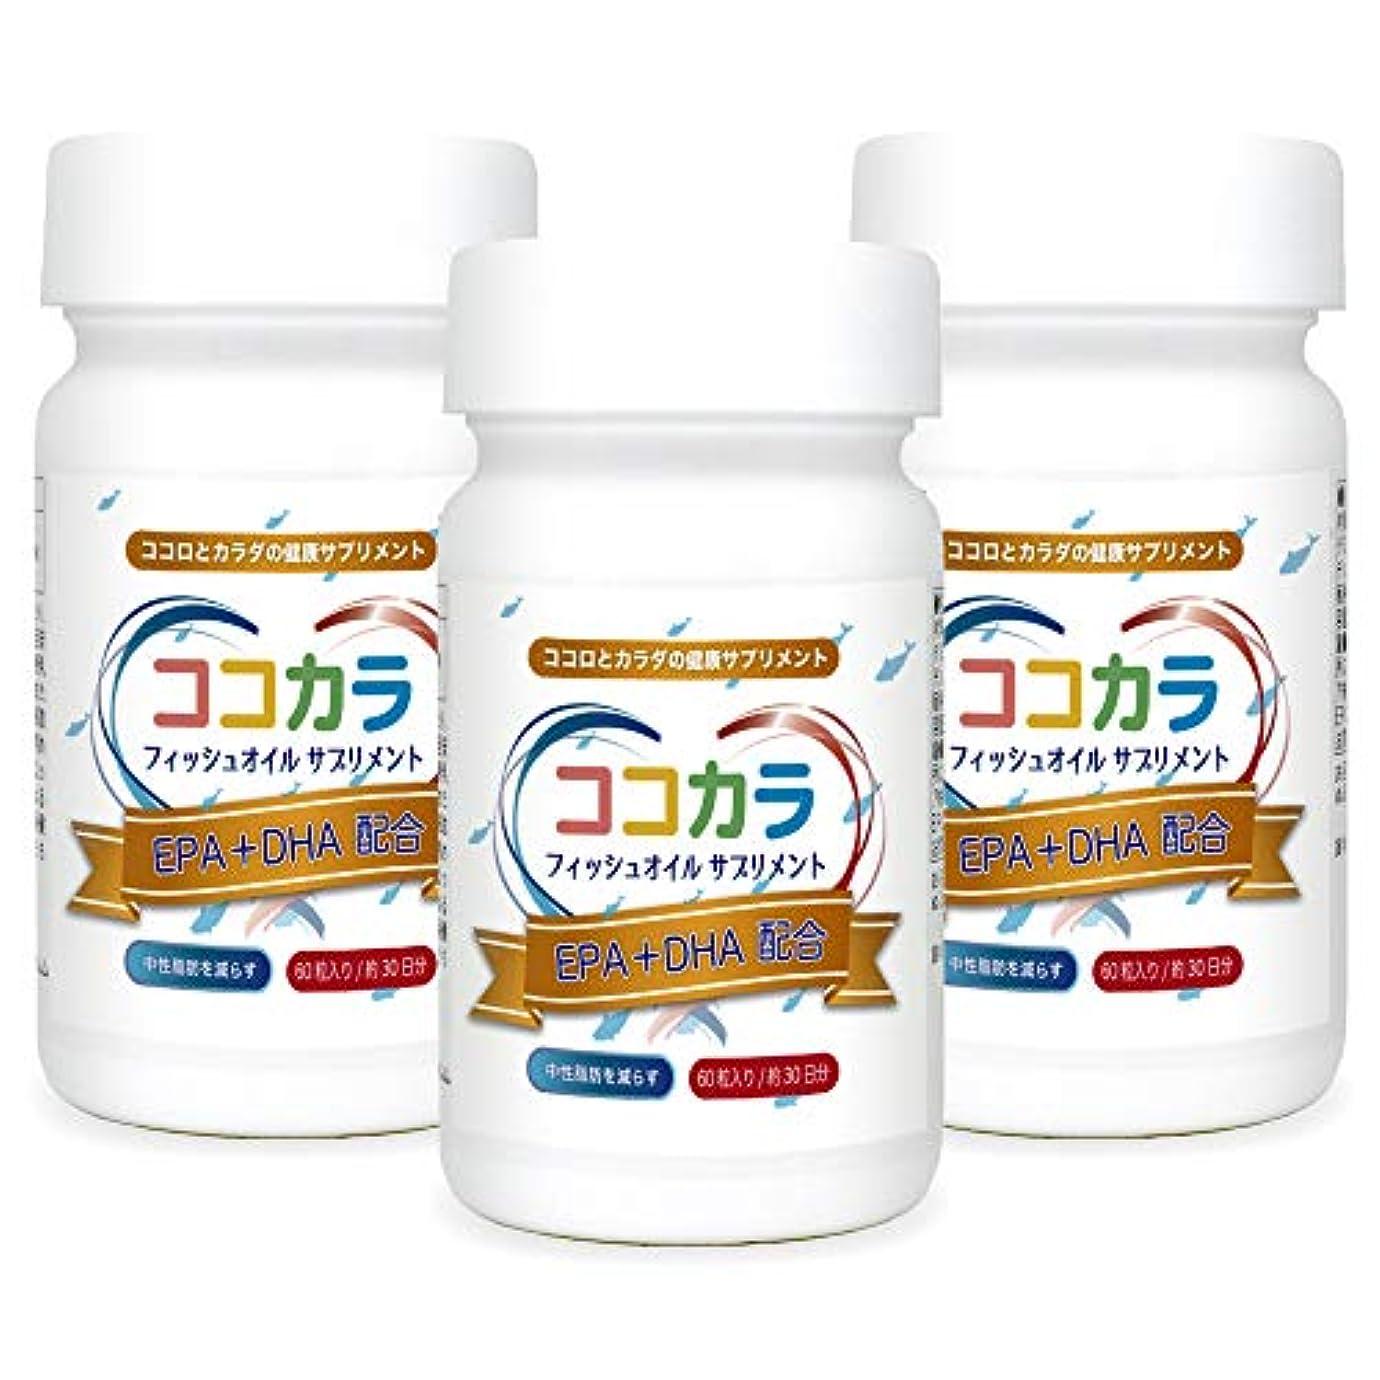 留め金狂乱マーチャンダイジングEPA&DHA配合 ココカラサプリ バイオメガ3 フィッシュオイル 中性脂肪対策(60カプセル×3ヶ月分)